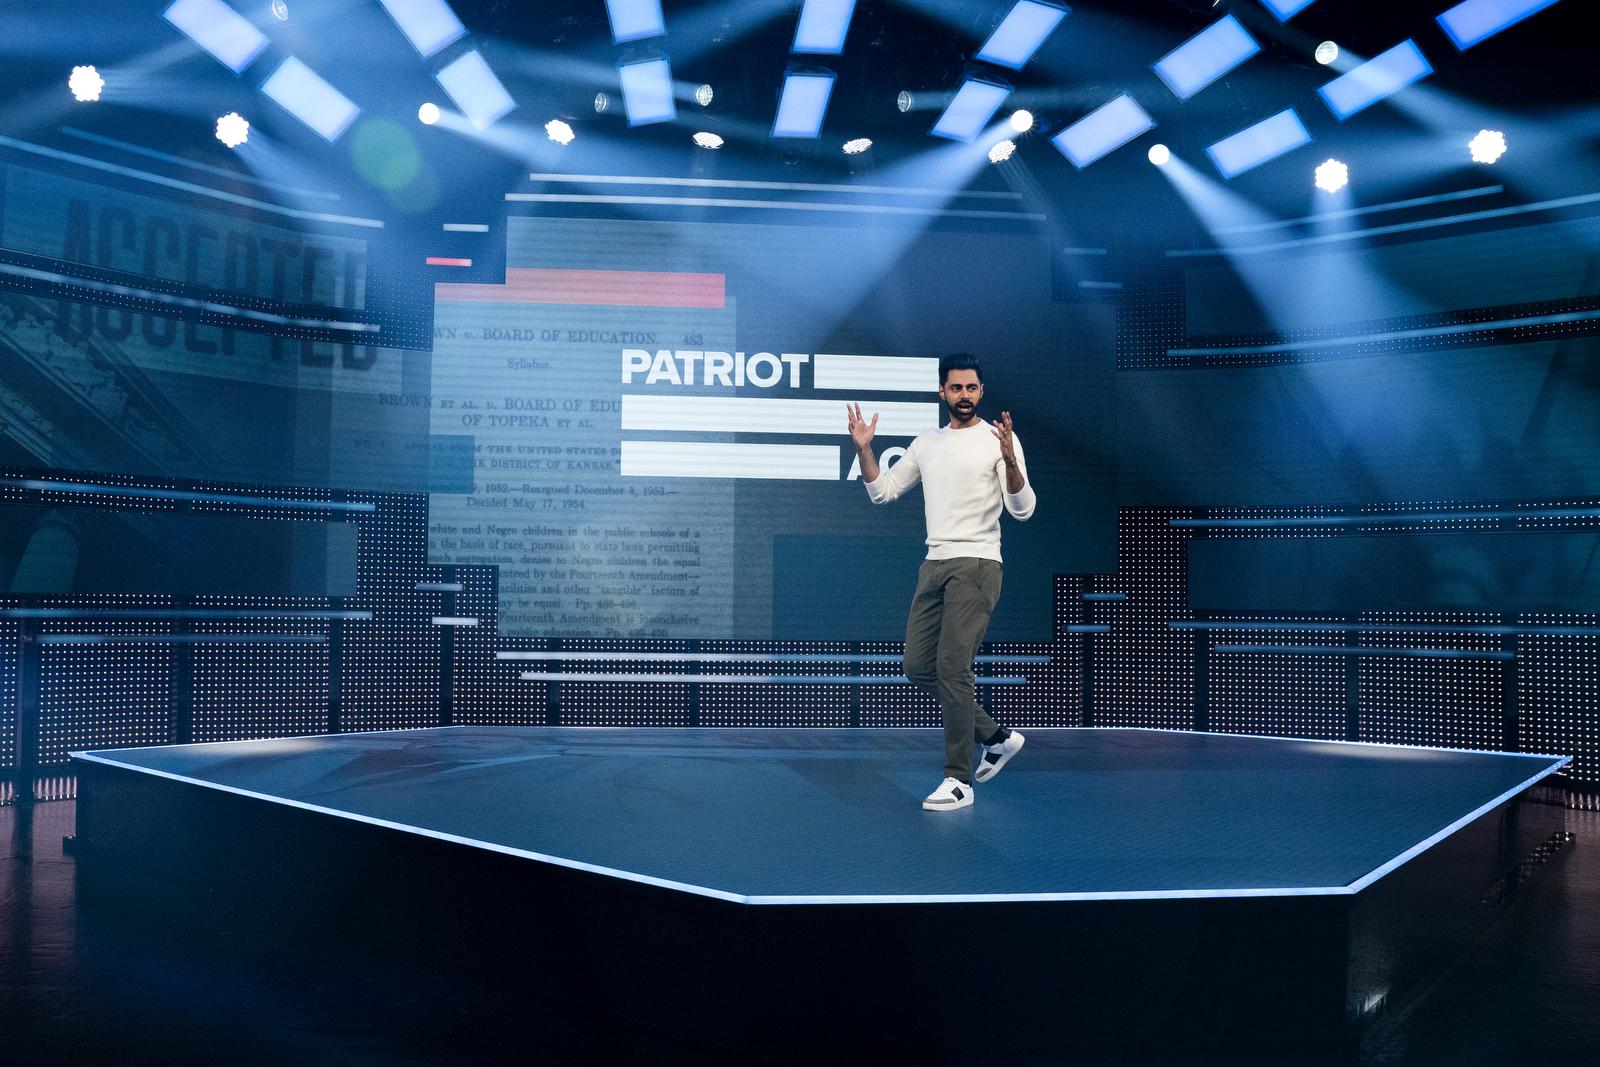 NCS-Netflix-Patriot-Act-Hasan-Minhaj-0001